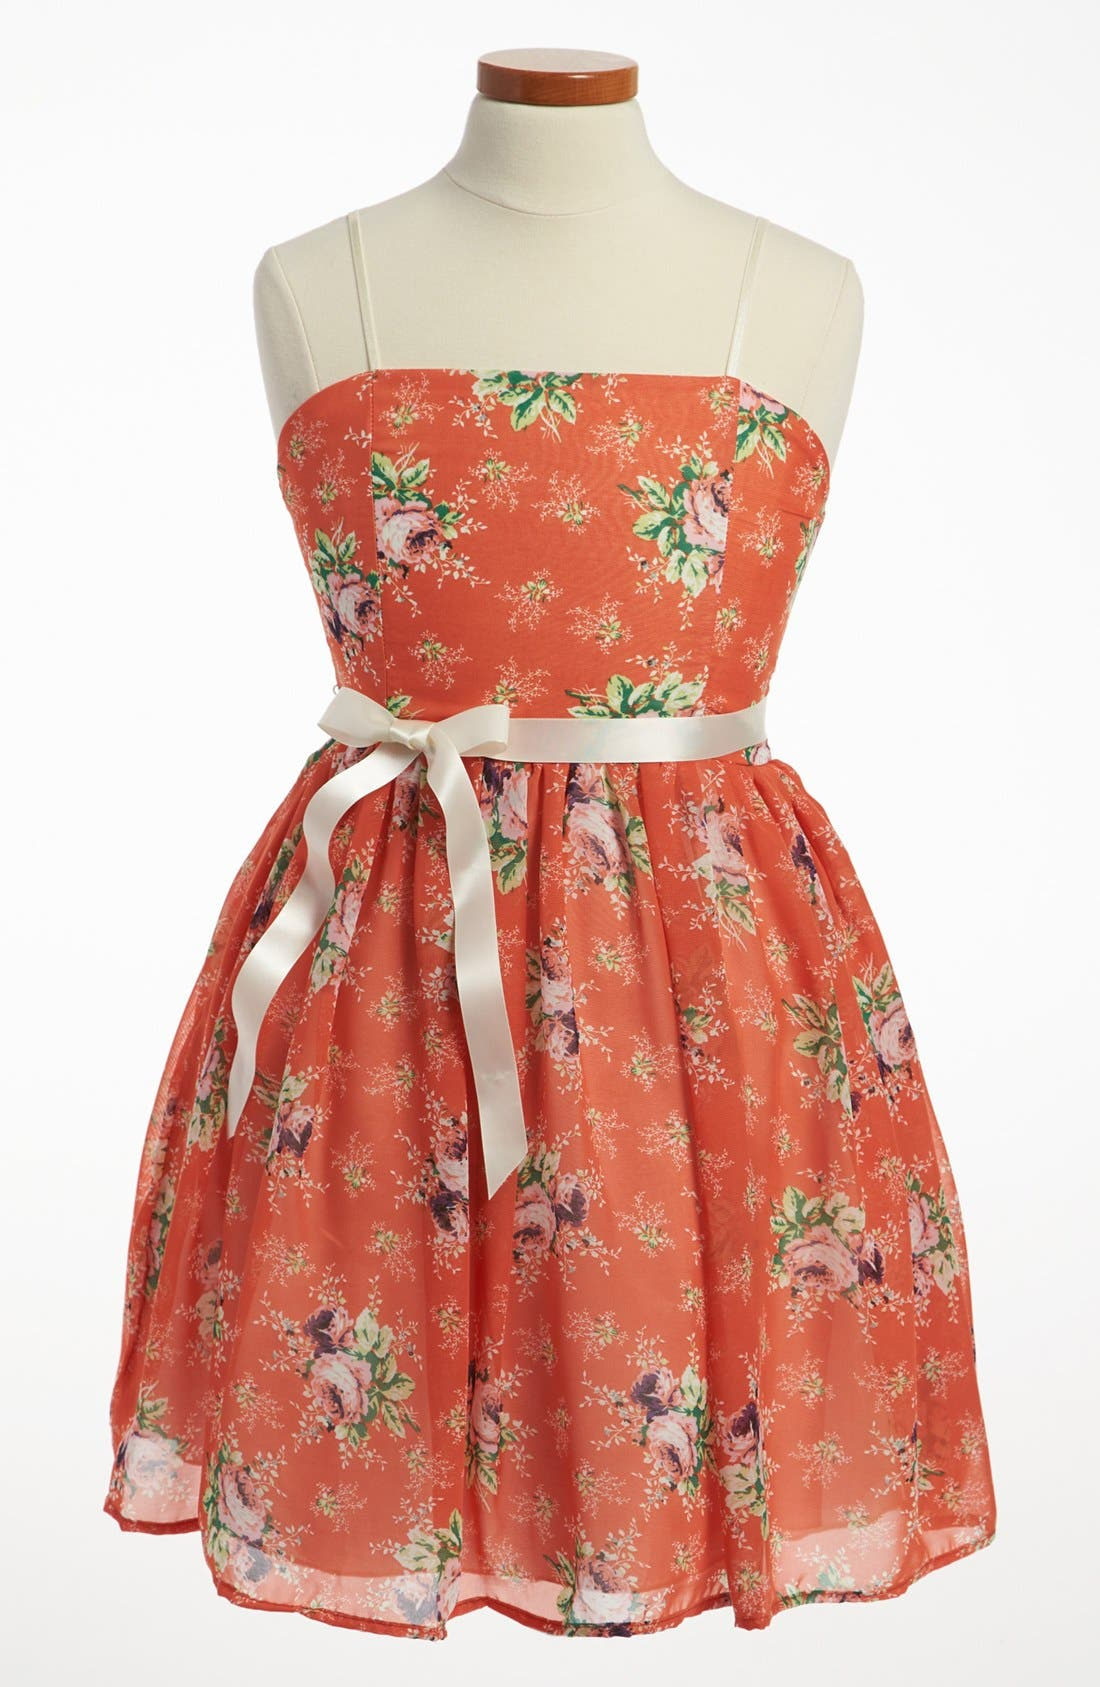 Alternate Image 1 Selected - Un Deux Trois Floral Chiffon Dress (Big Girls)